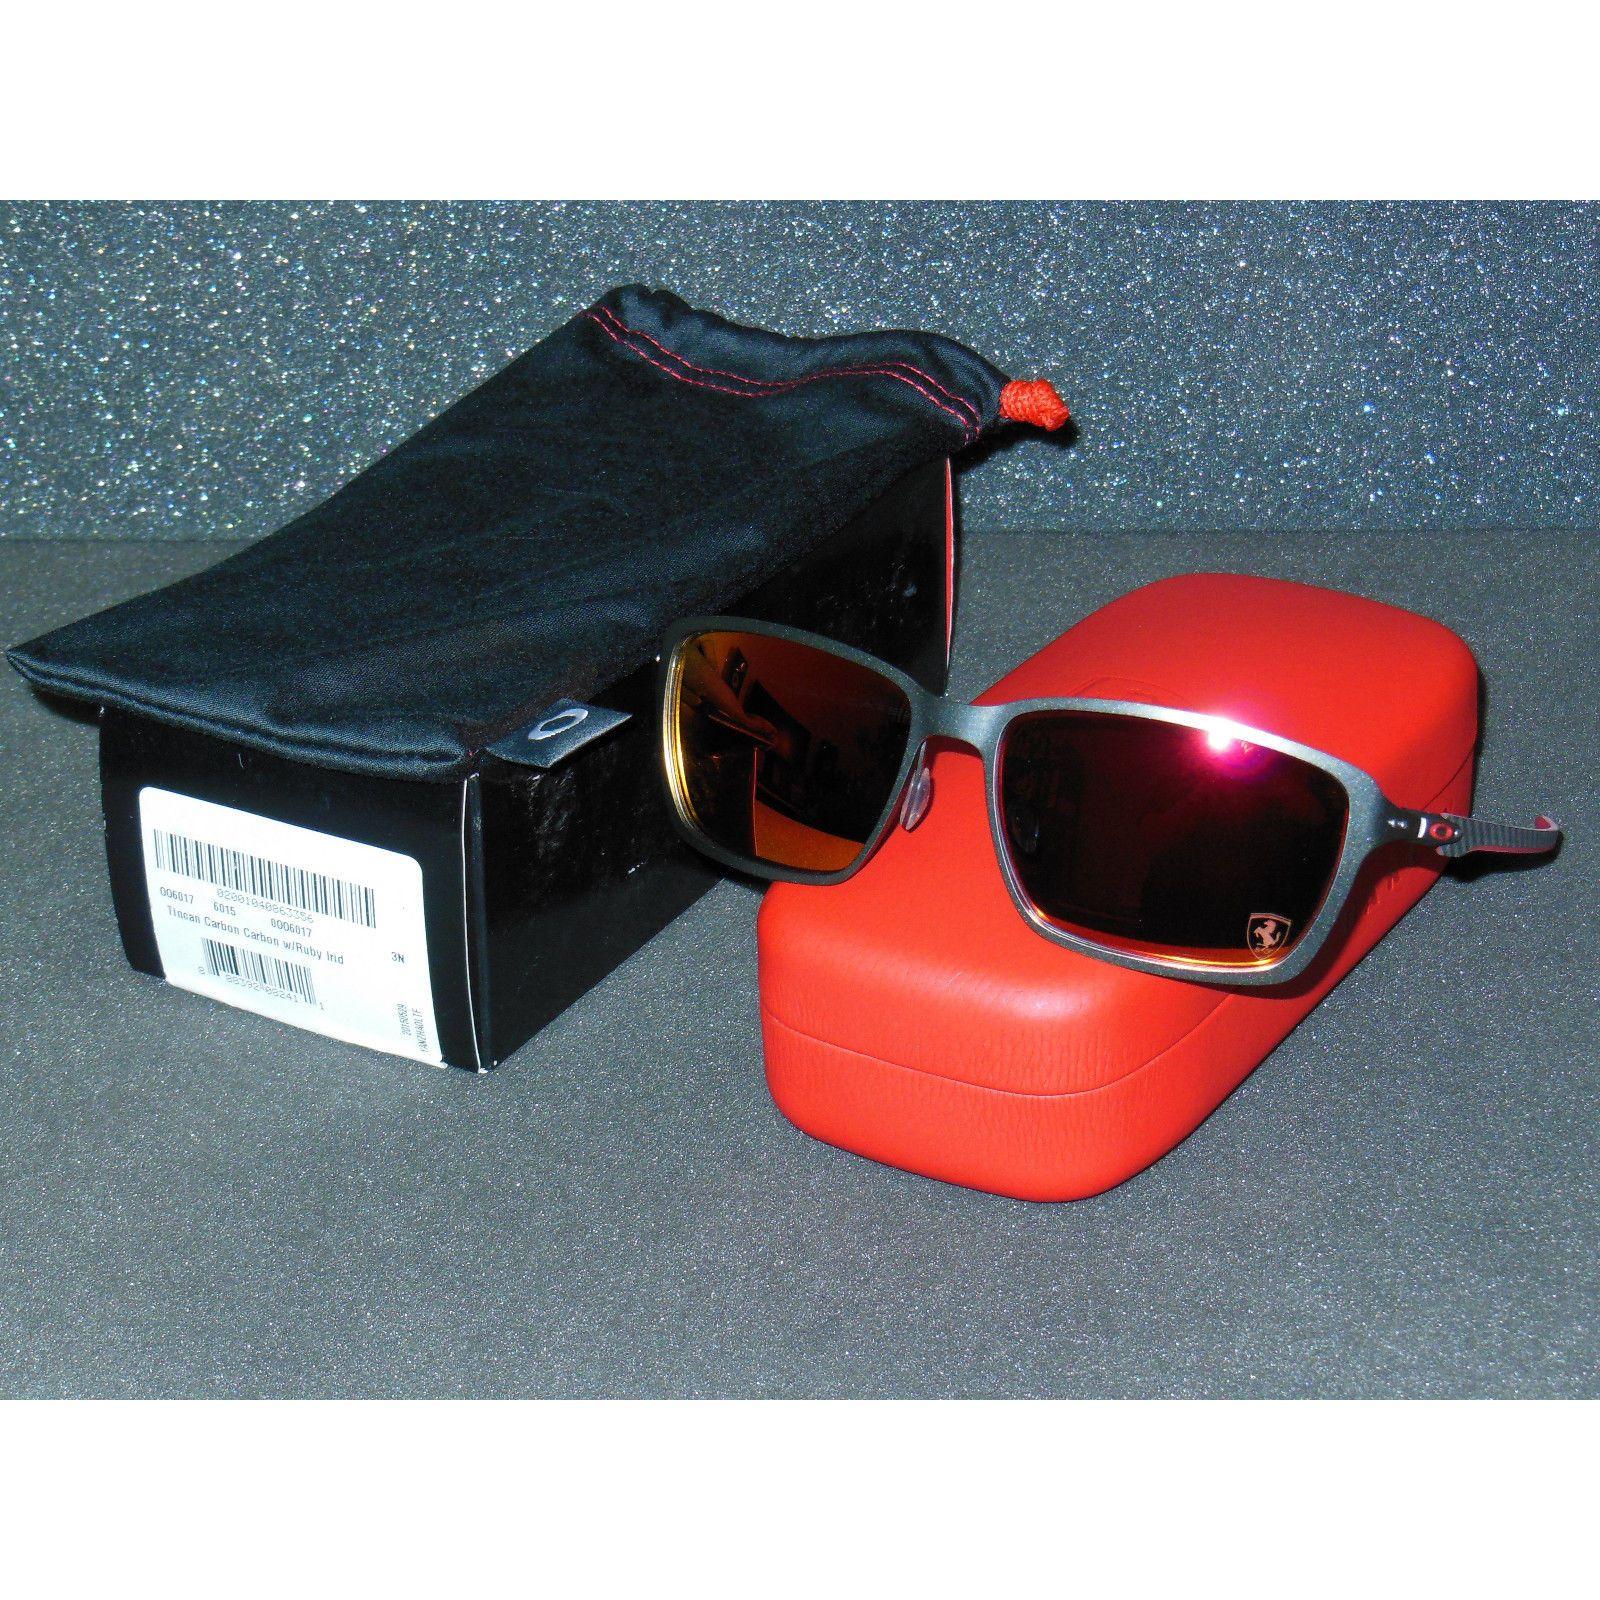 84e46ec7b3 New Oakley Tincan Carbon Ferrari Sunglasses Carbon Ruby Iridium Tin Can  Metal